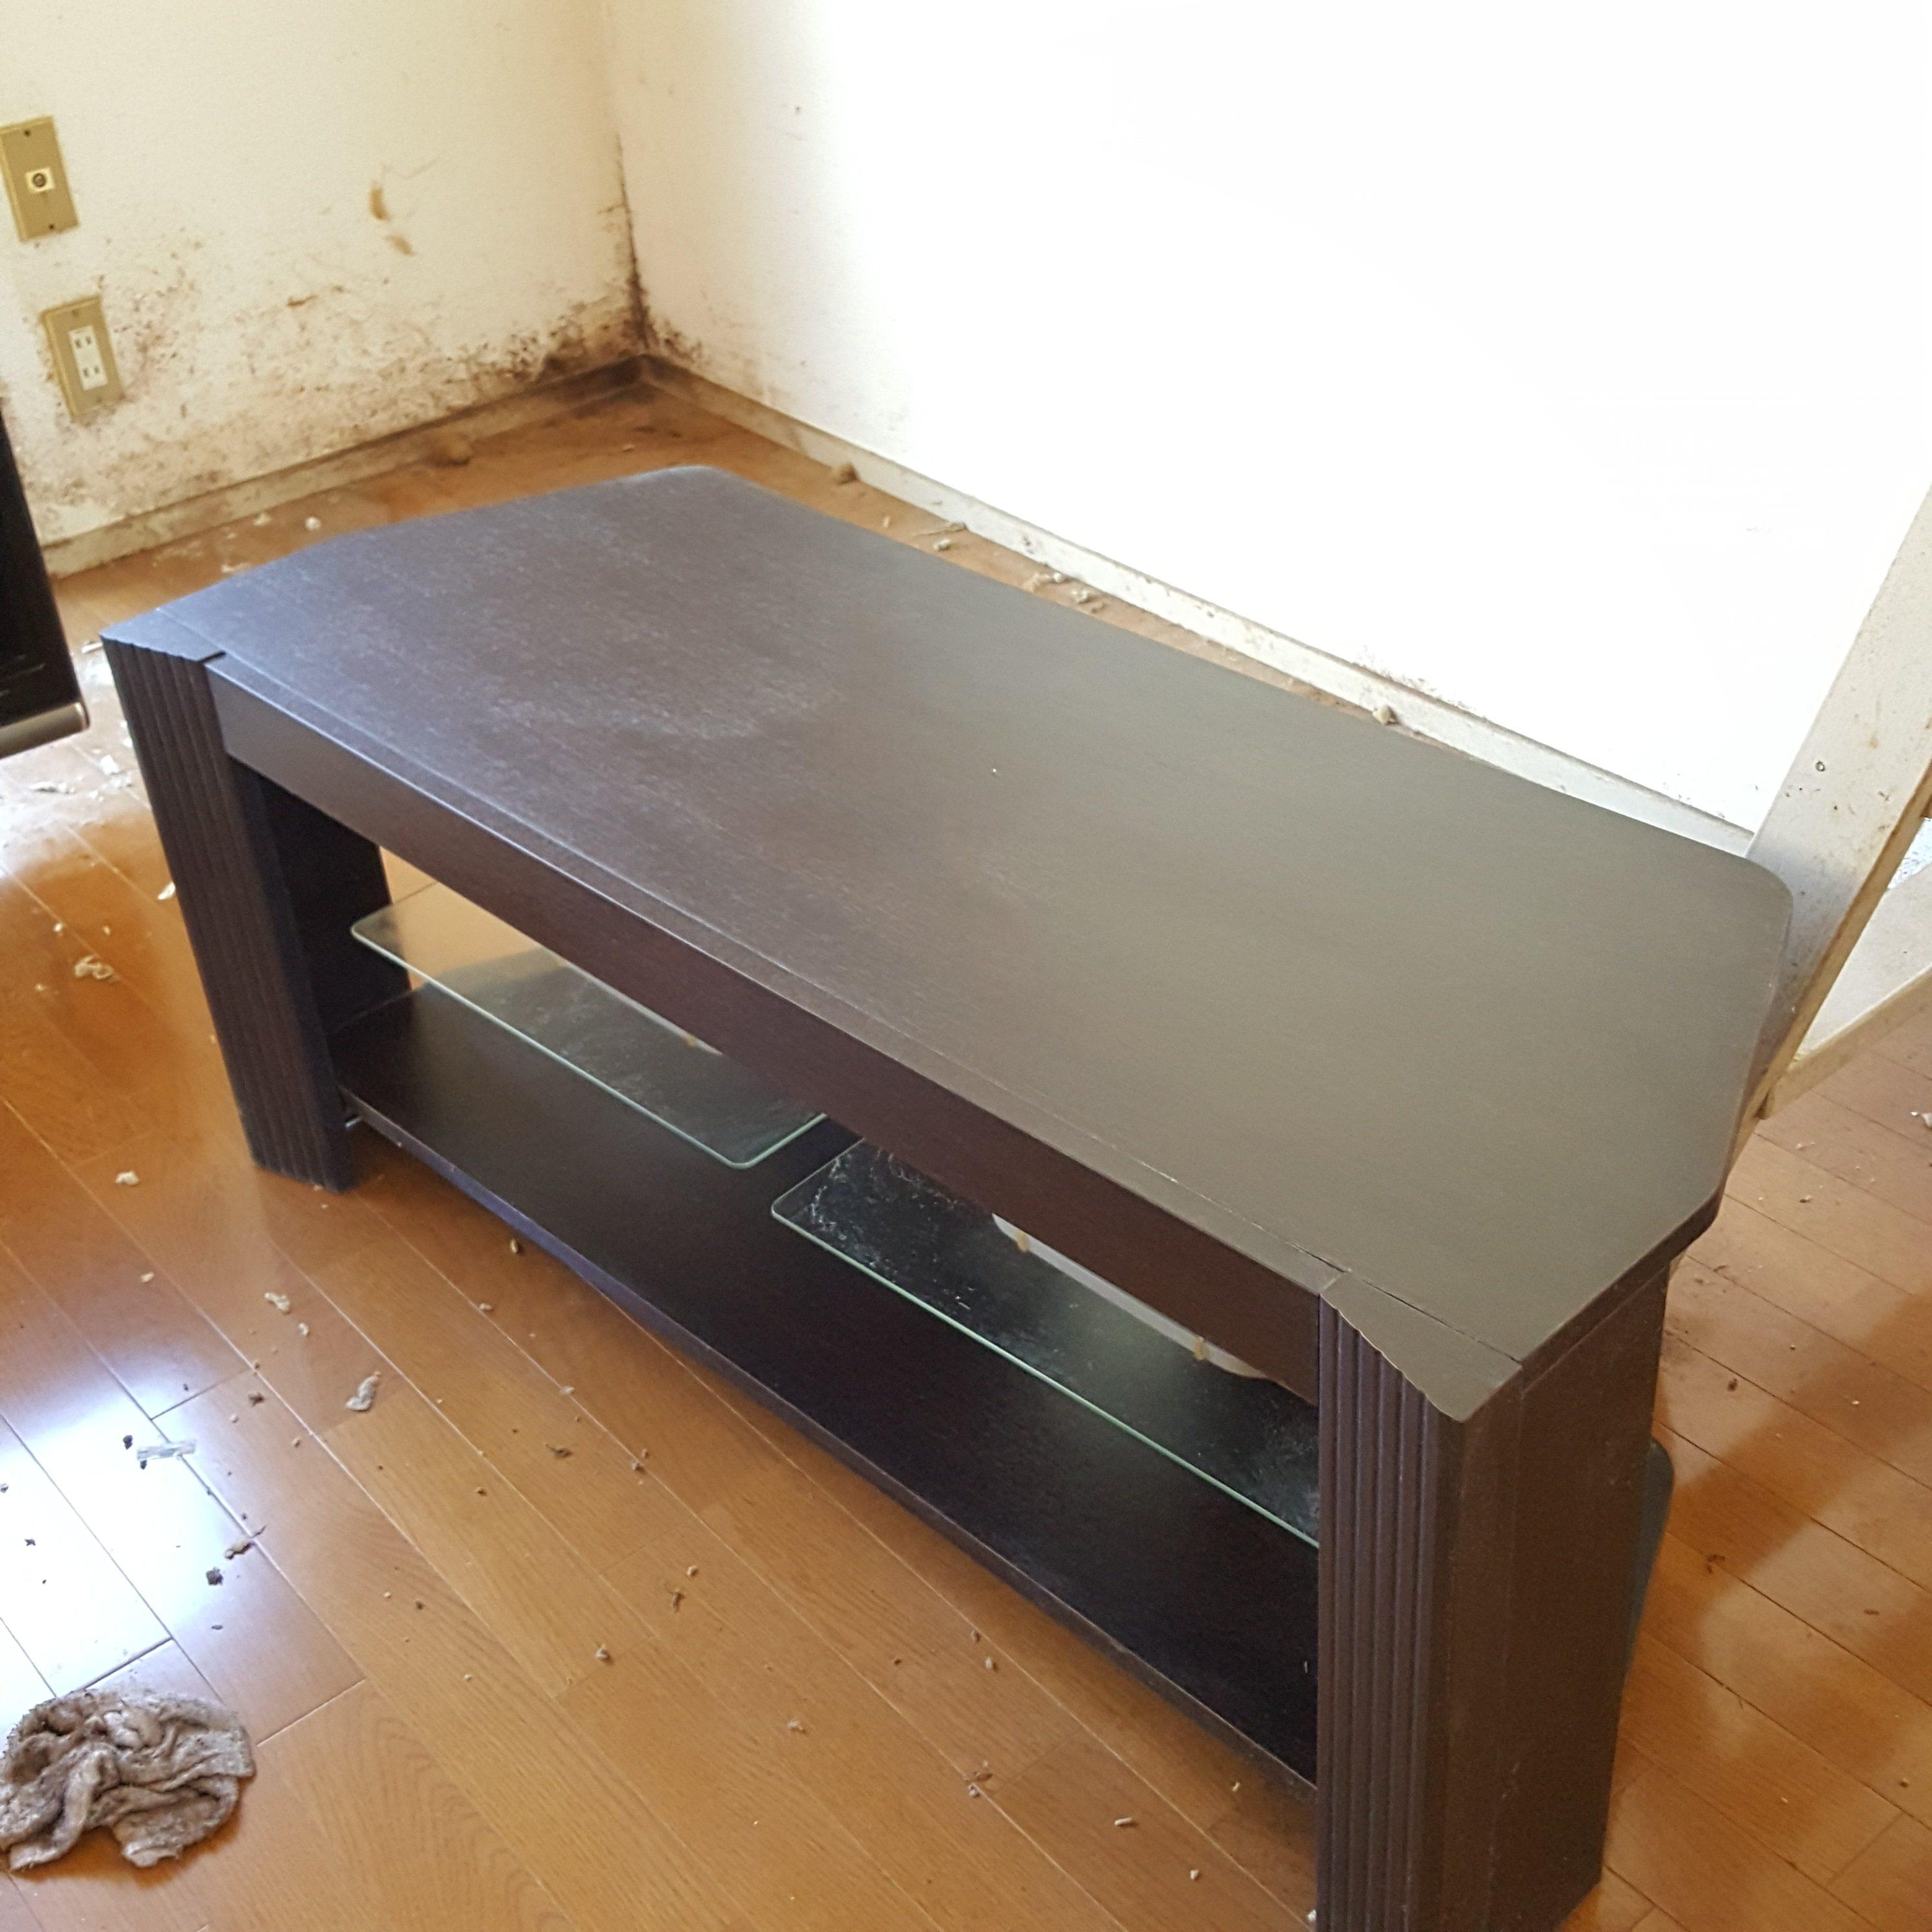 東京都世田谷区  テレビ回収とテレビ台周りの掃除